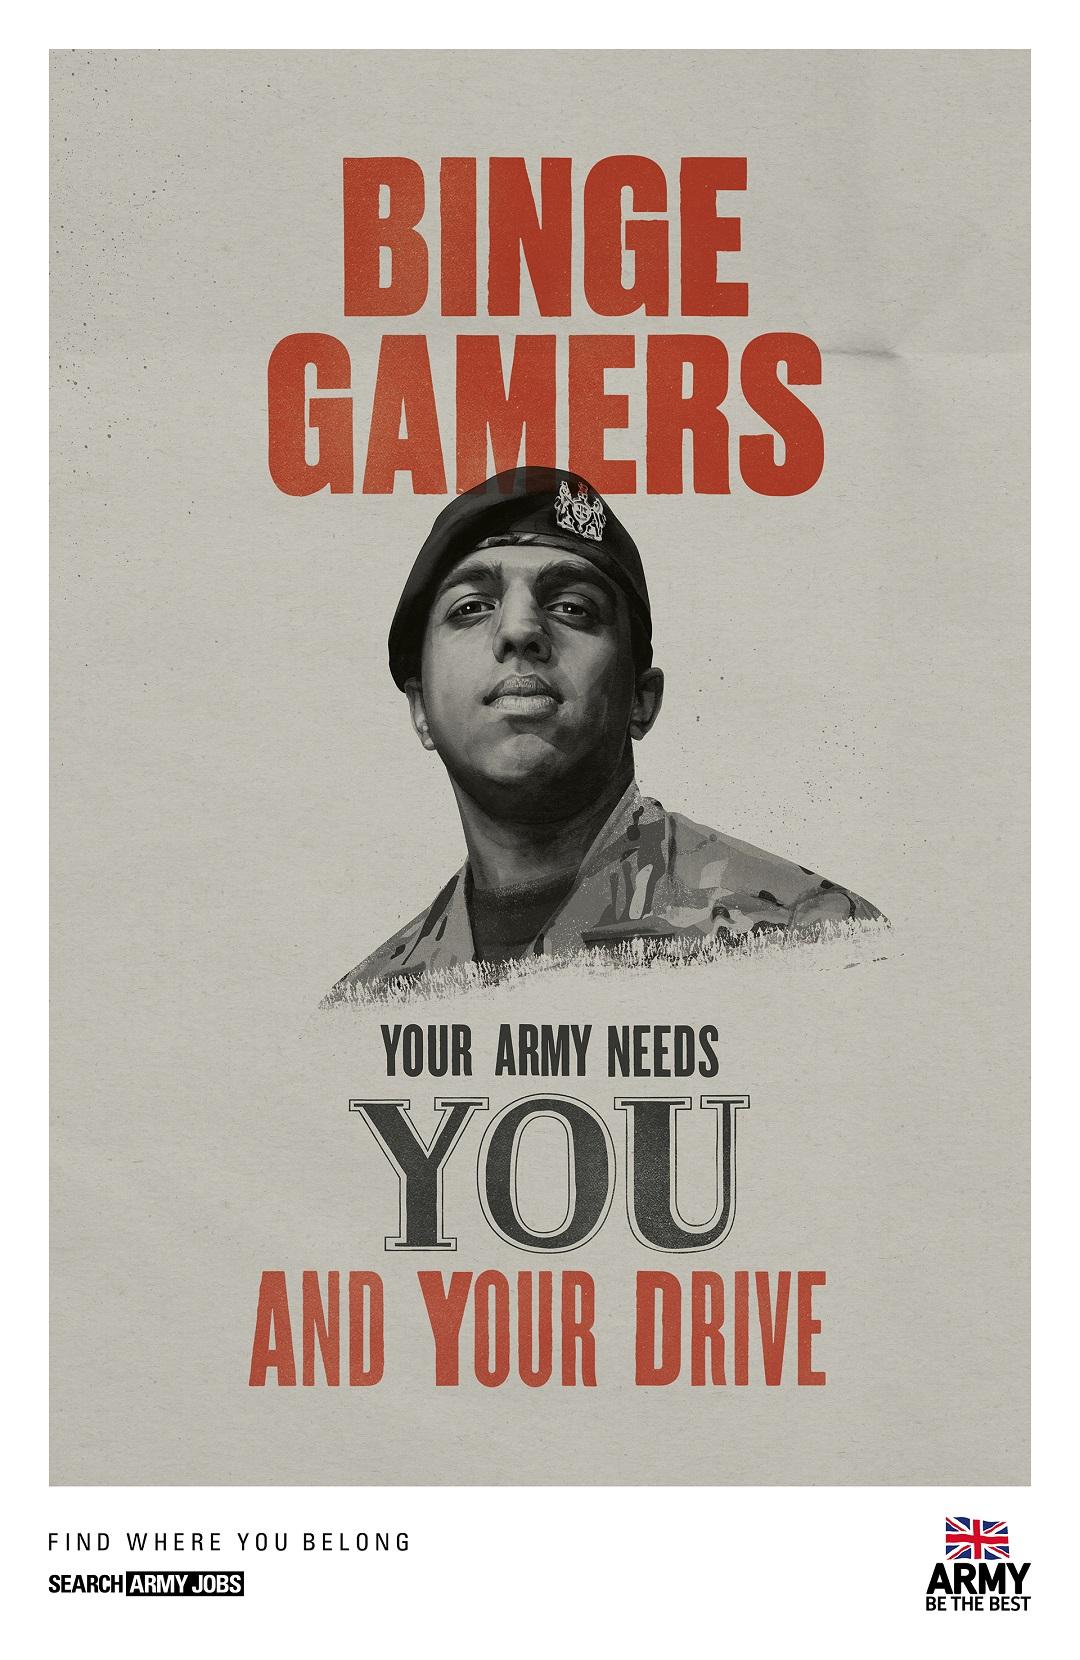 英国新征兵宣传片聚焦游戏玩家